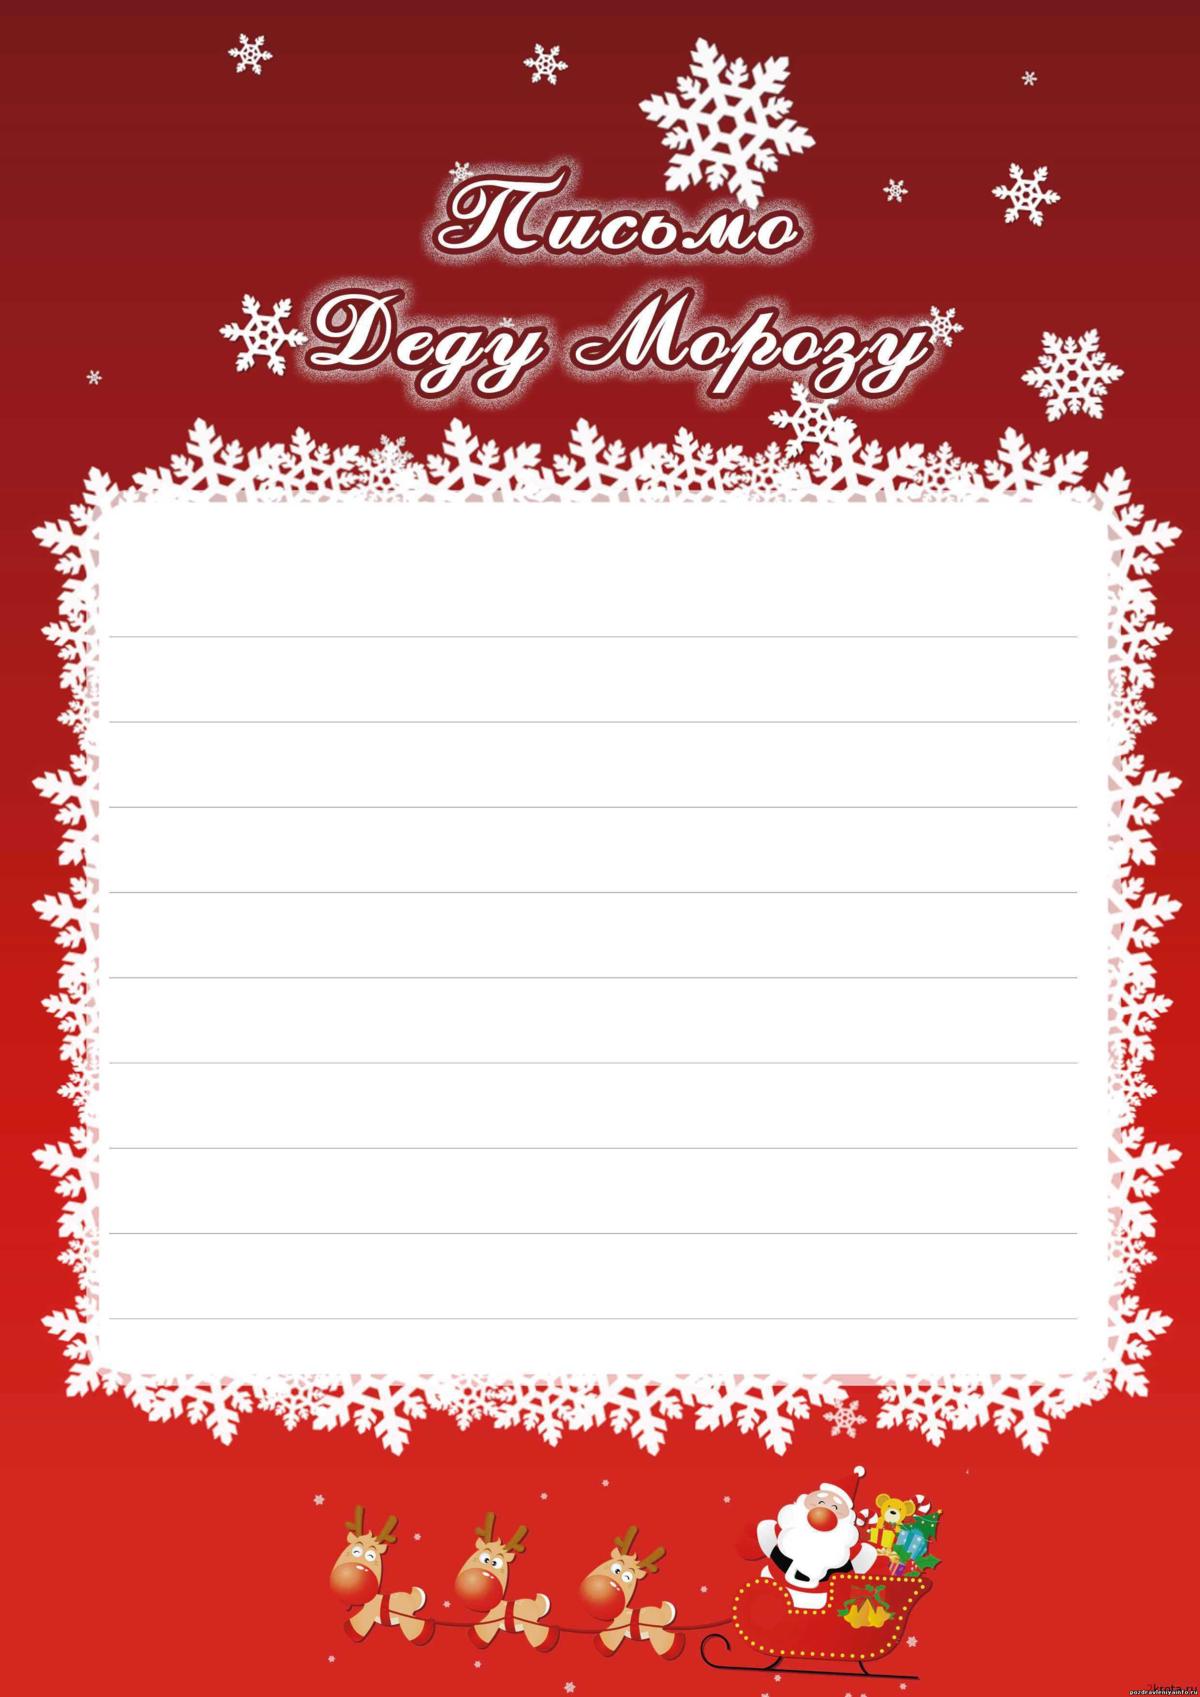 Картинки пука, открытки на новый год распечатать со строчками